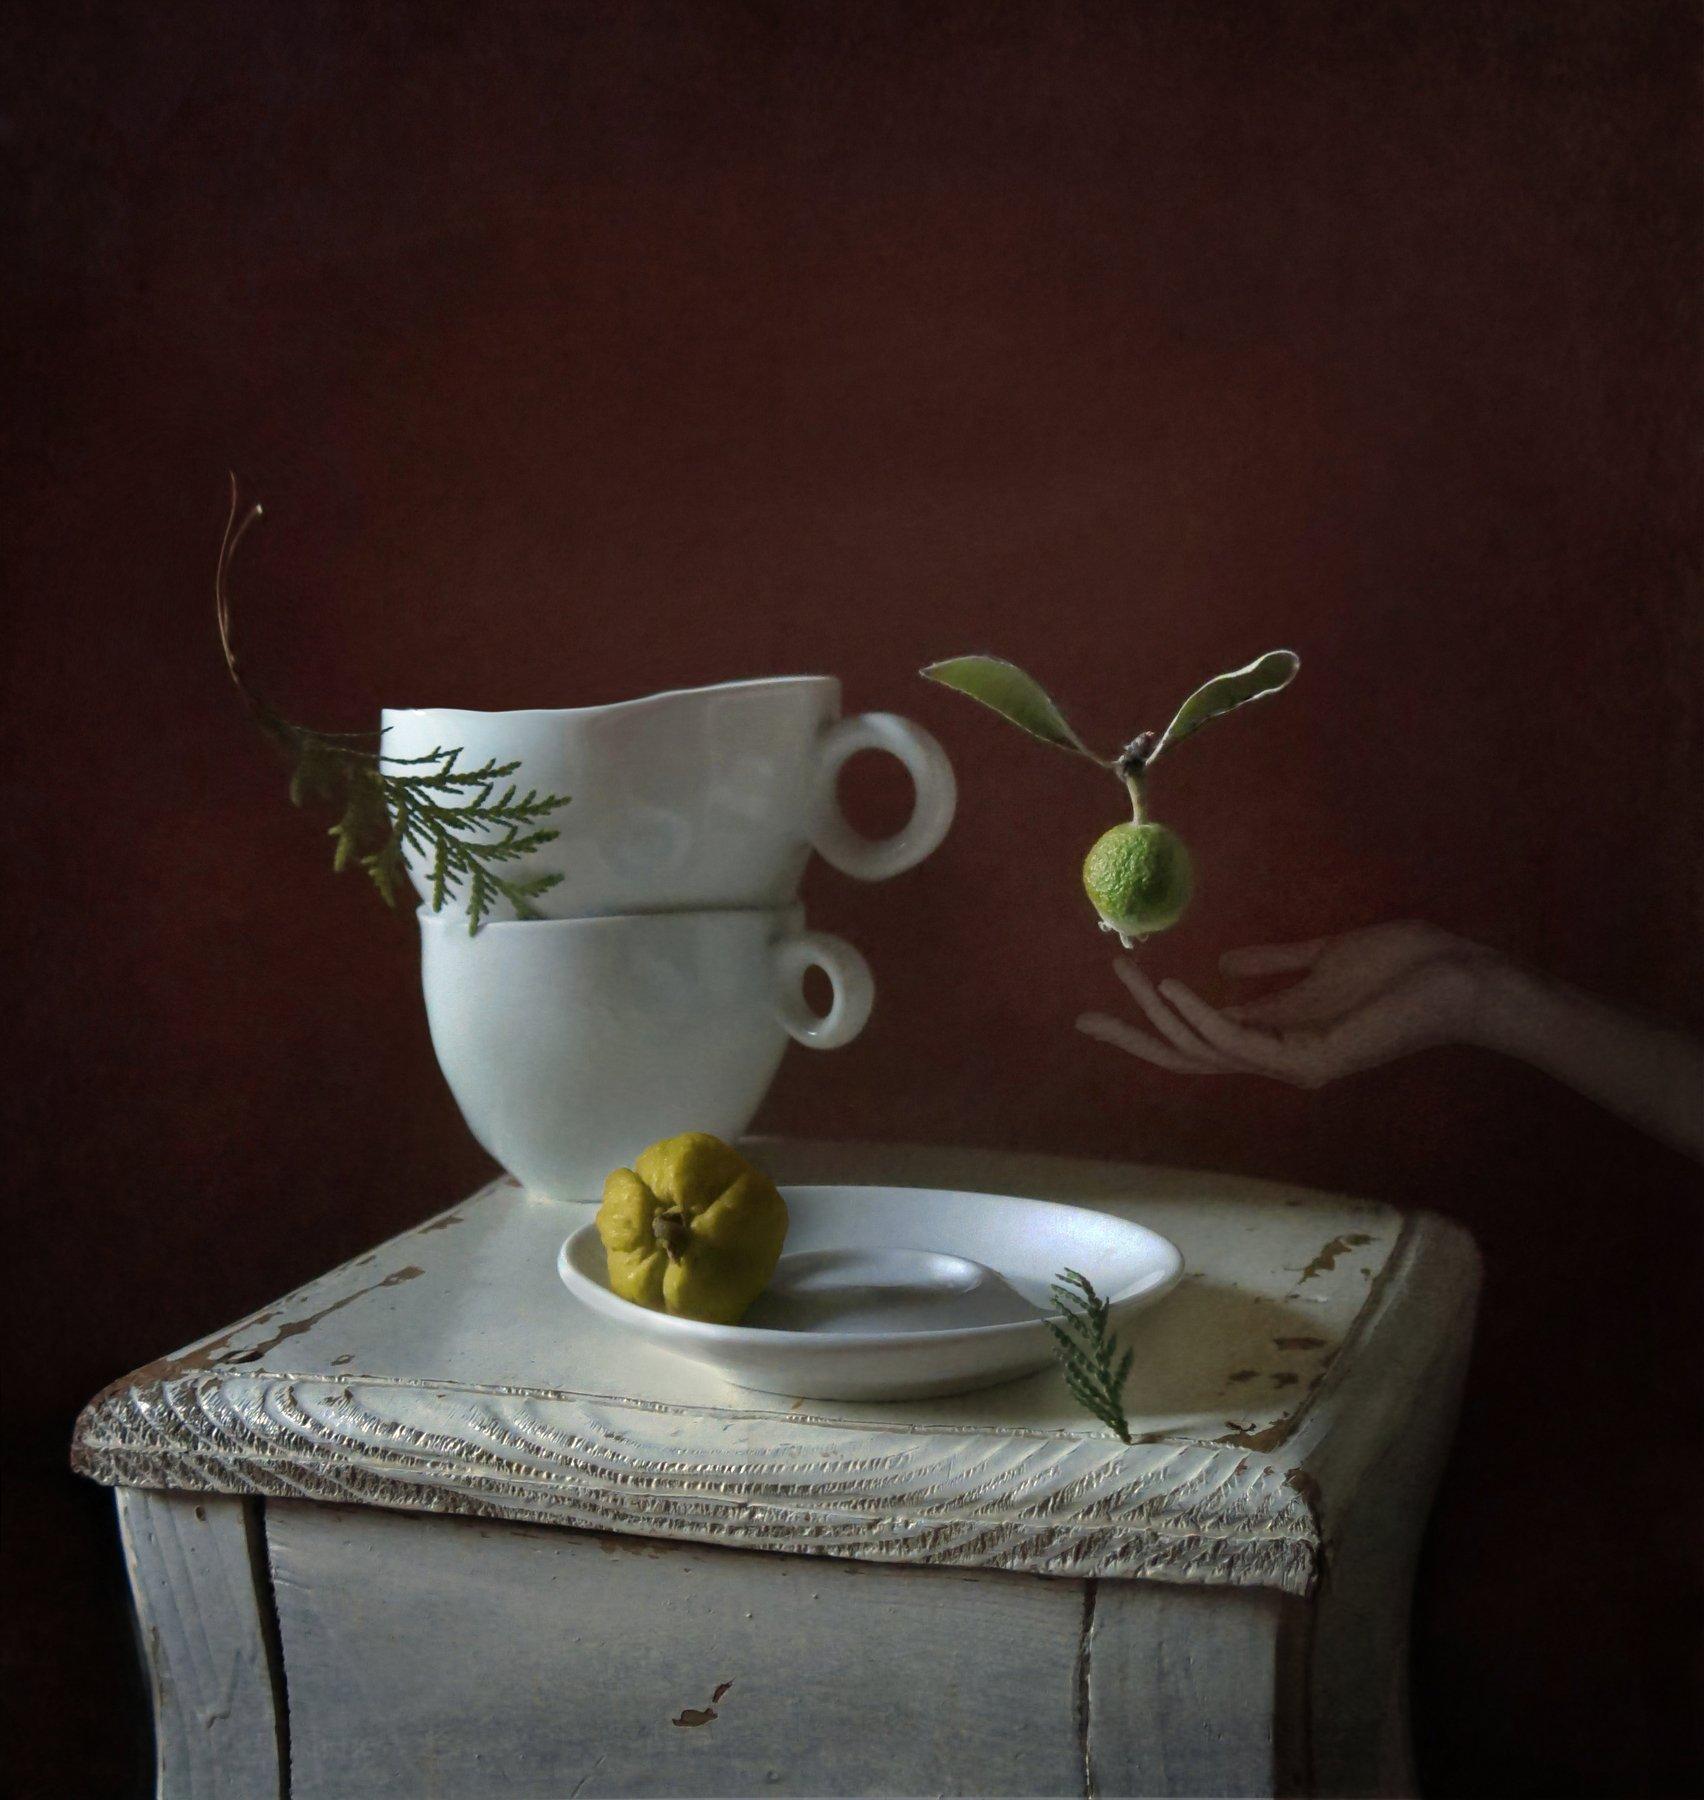 фрукт, посуда, чашка, блюдце, табурет, рука, веточка, невесомость, Елена Лысенко